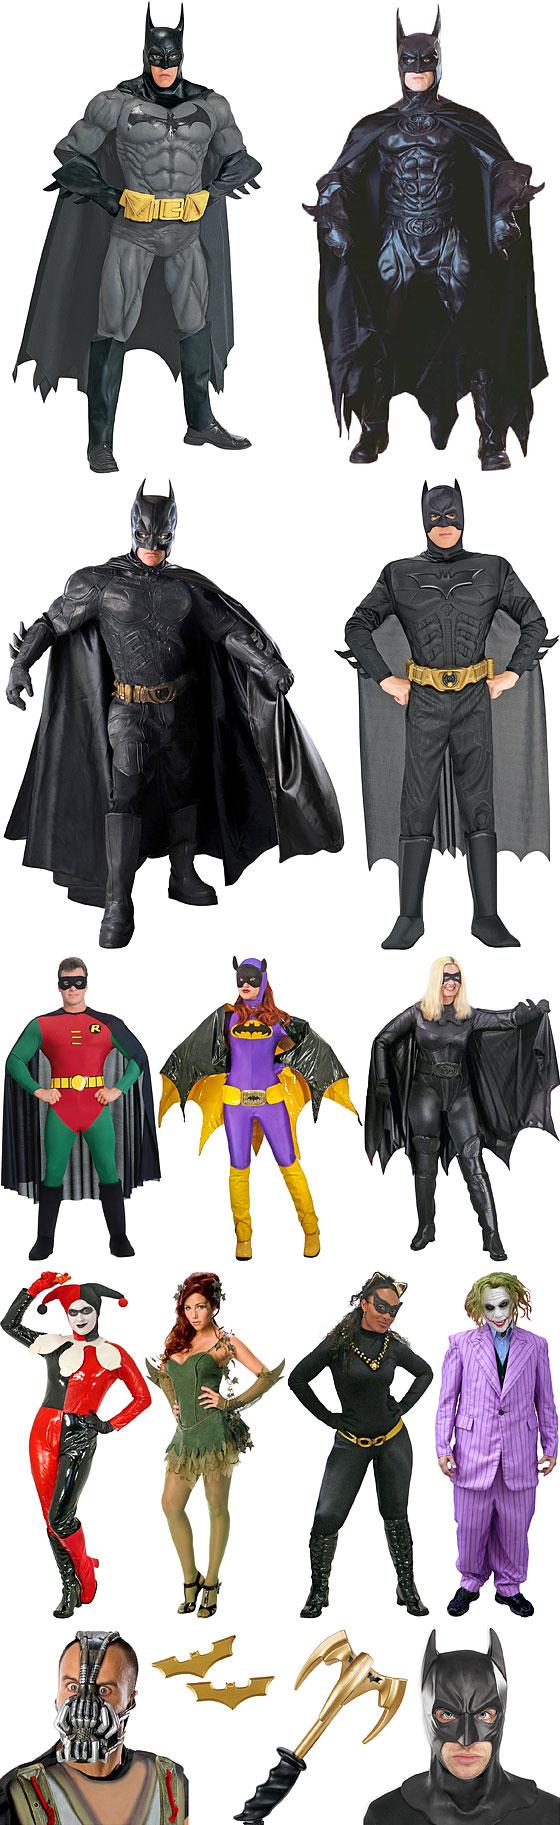 Batman Costumes